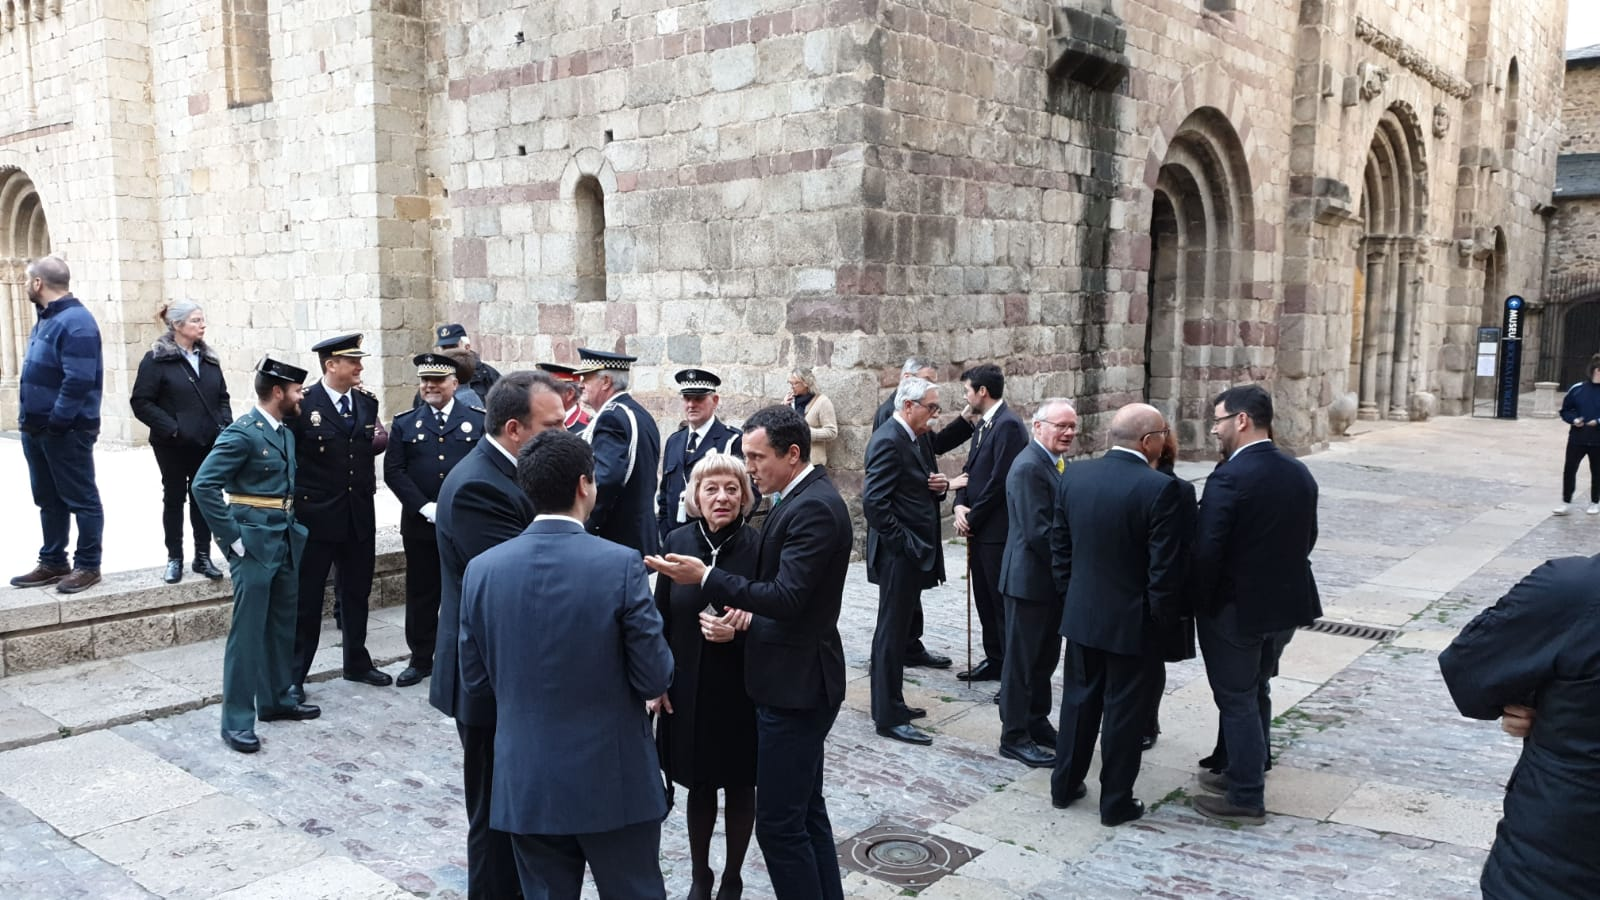 El bisbe Vives evita els polítics, i l'equip del PDECat i ERC als edils de l'oposició